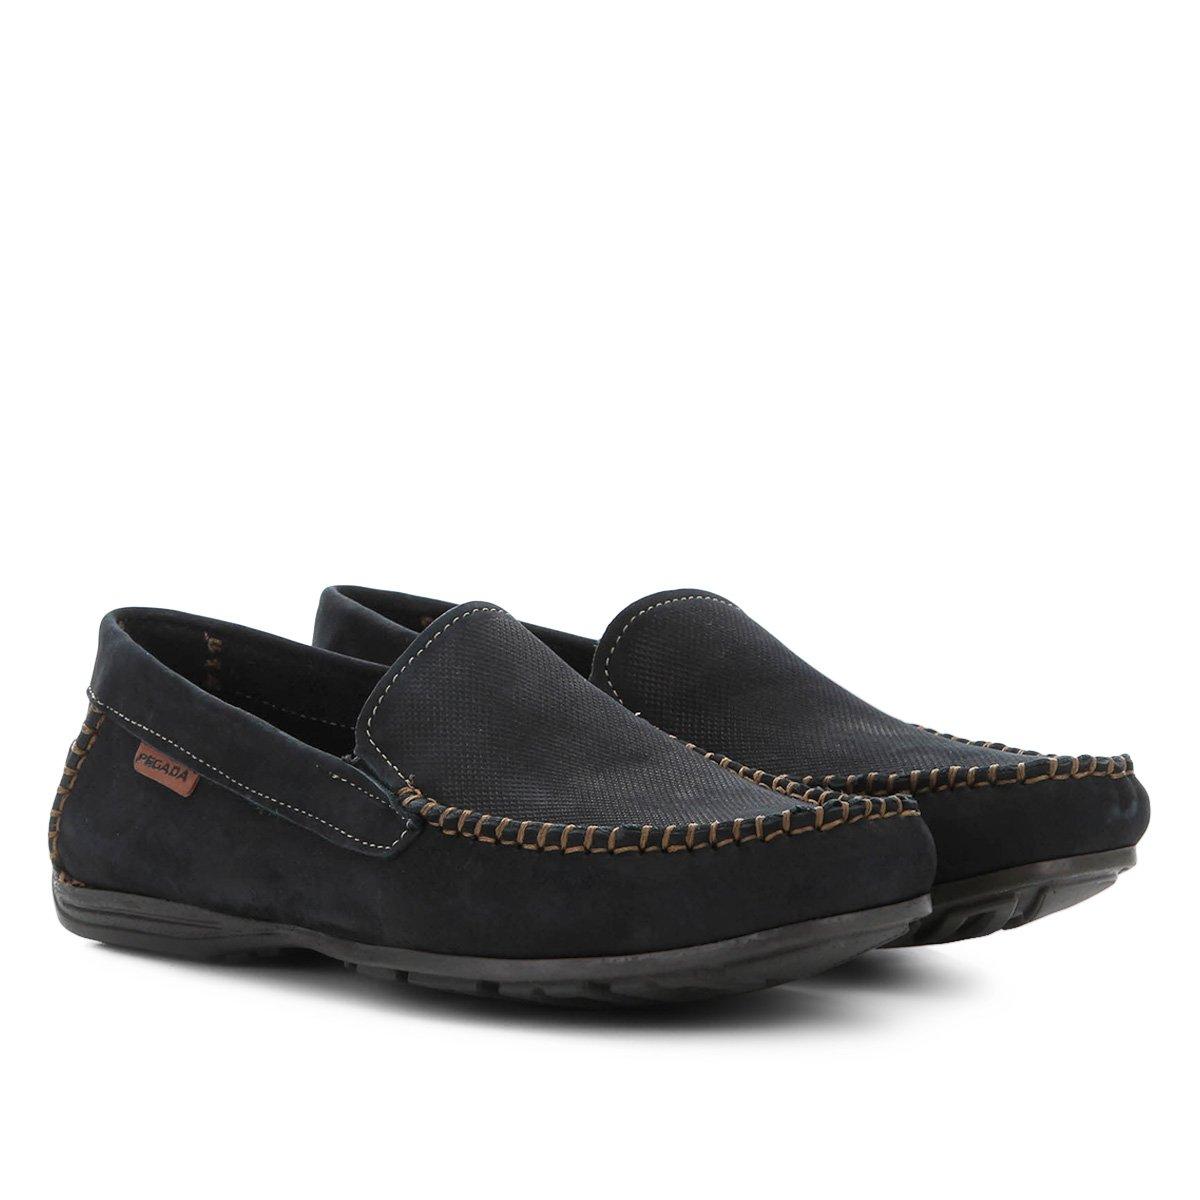 abf1537827 Sapato Couro Pegada Masculino